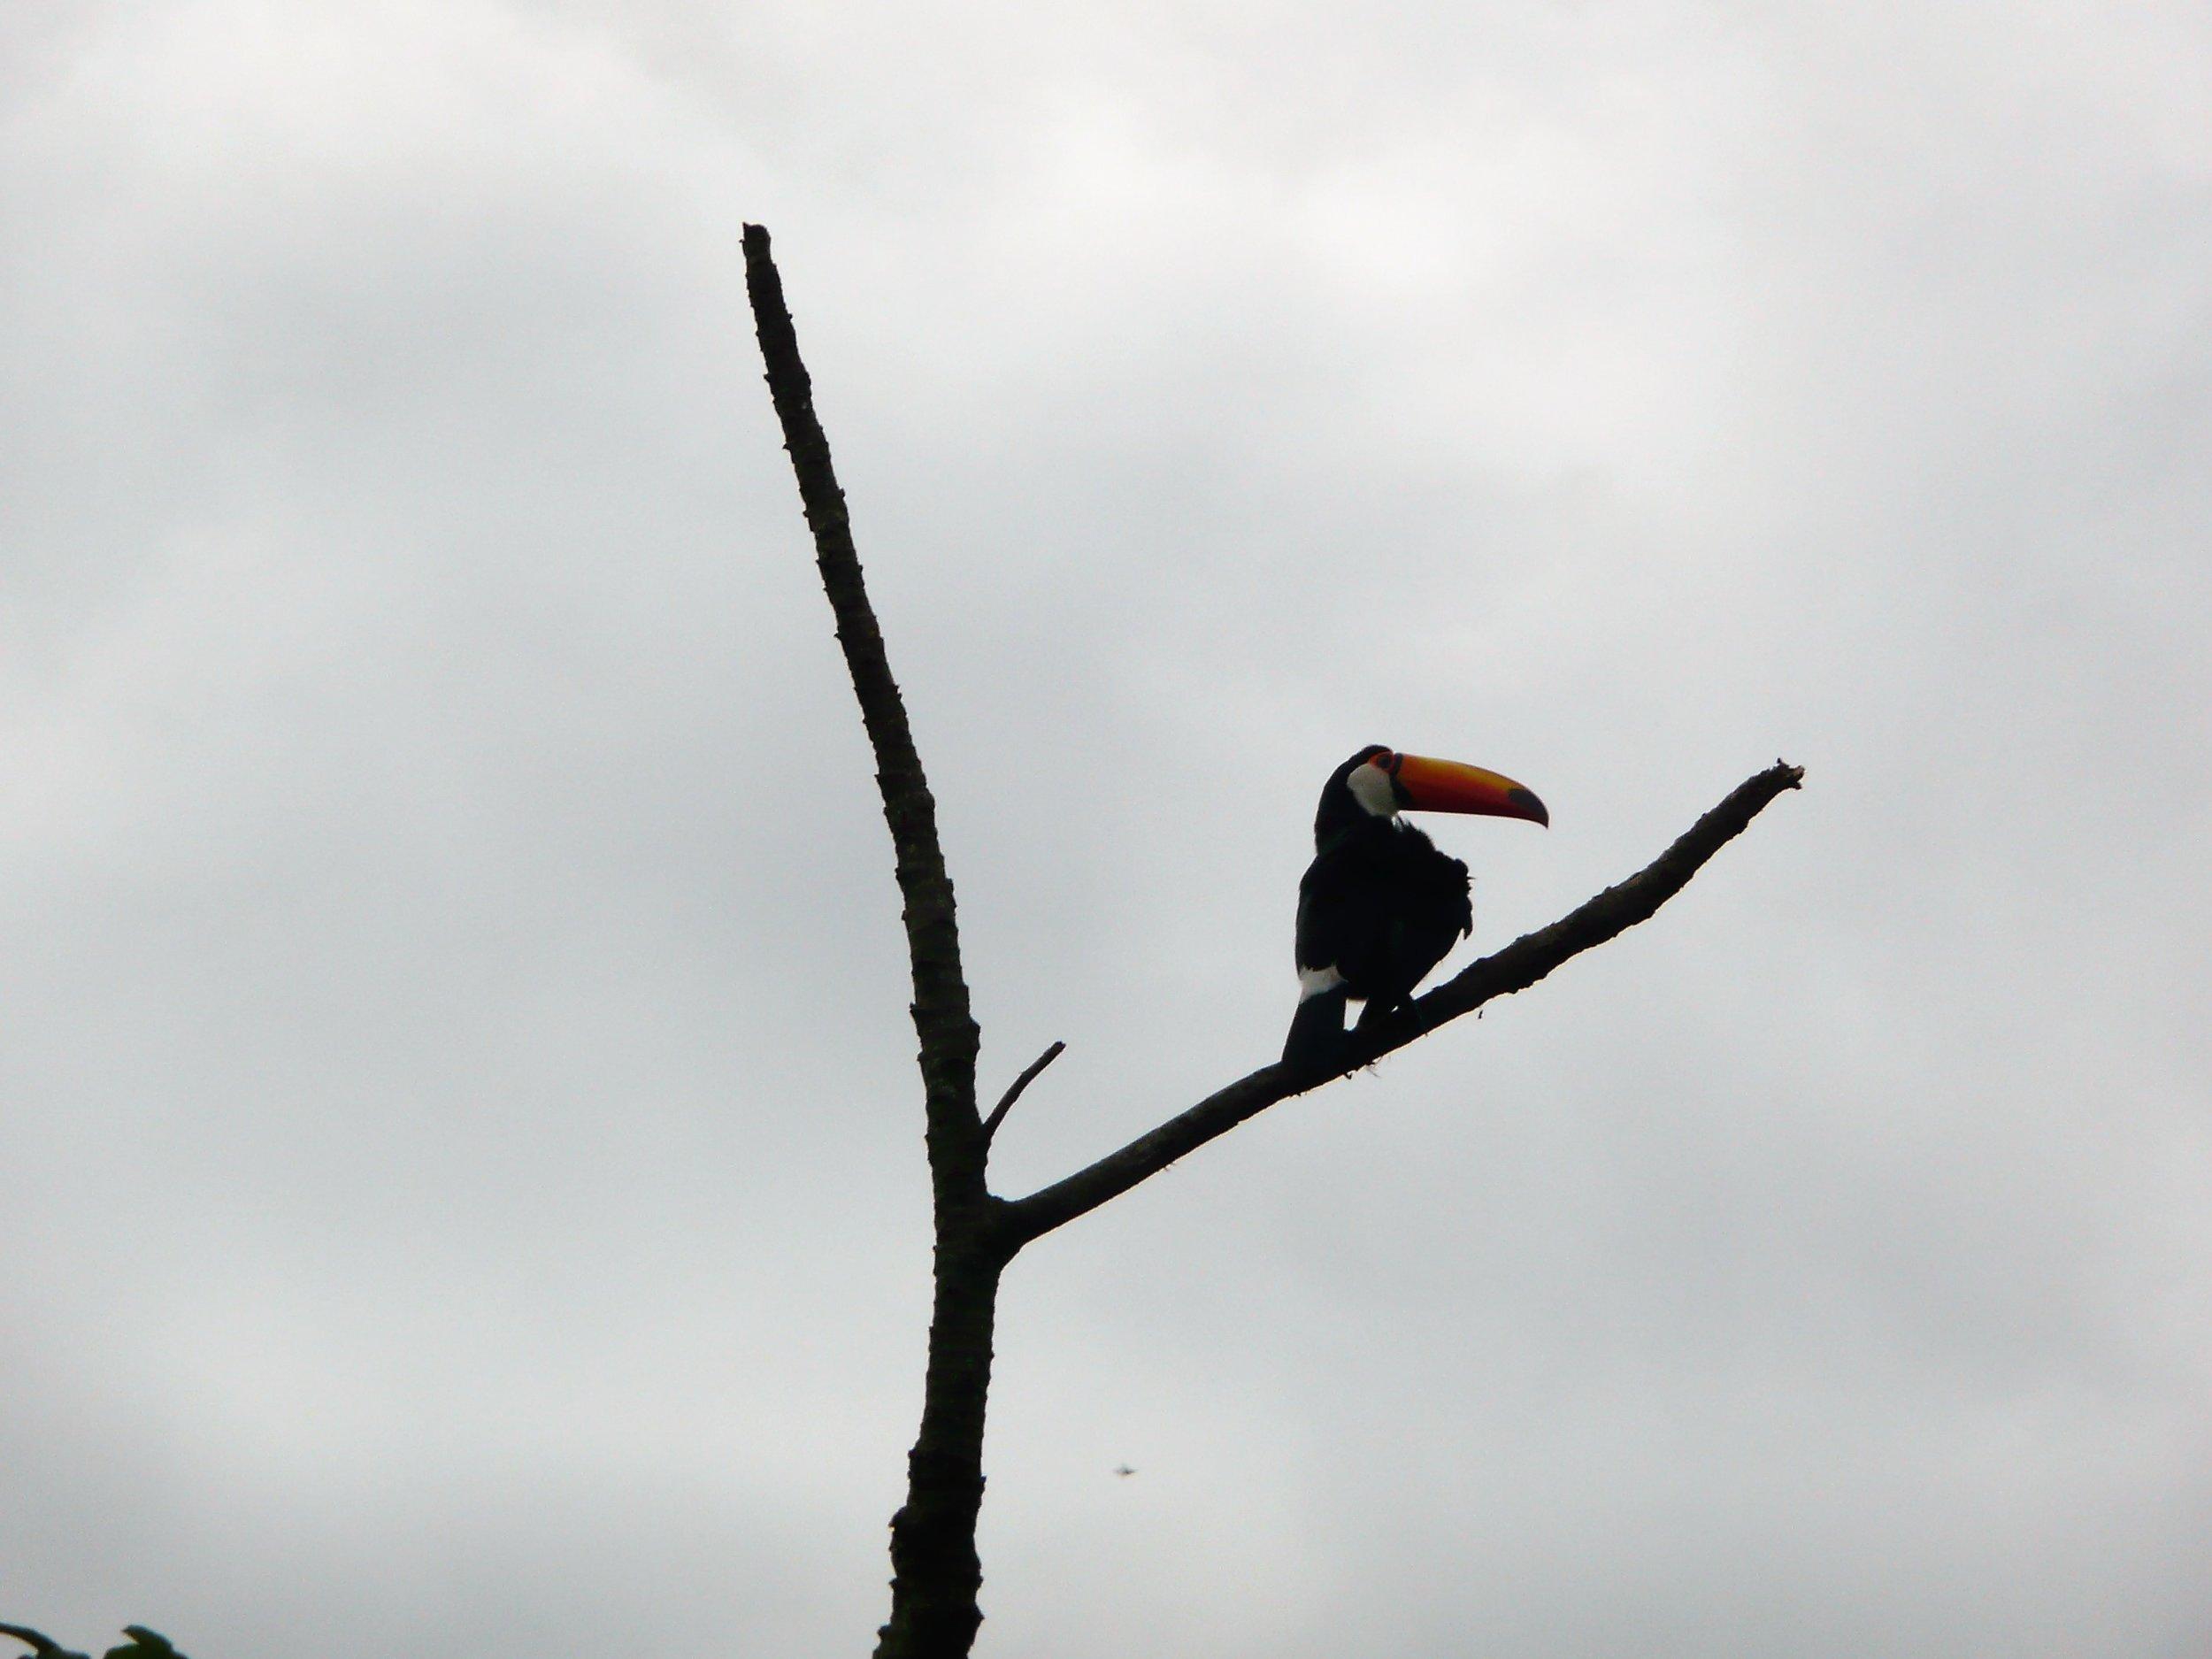 Tucan in the wild (Brazil)